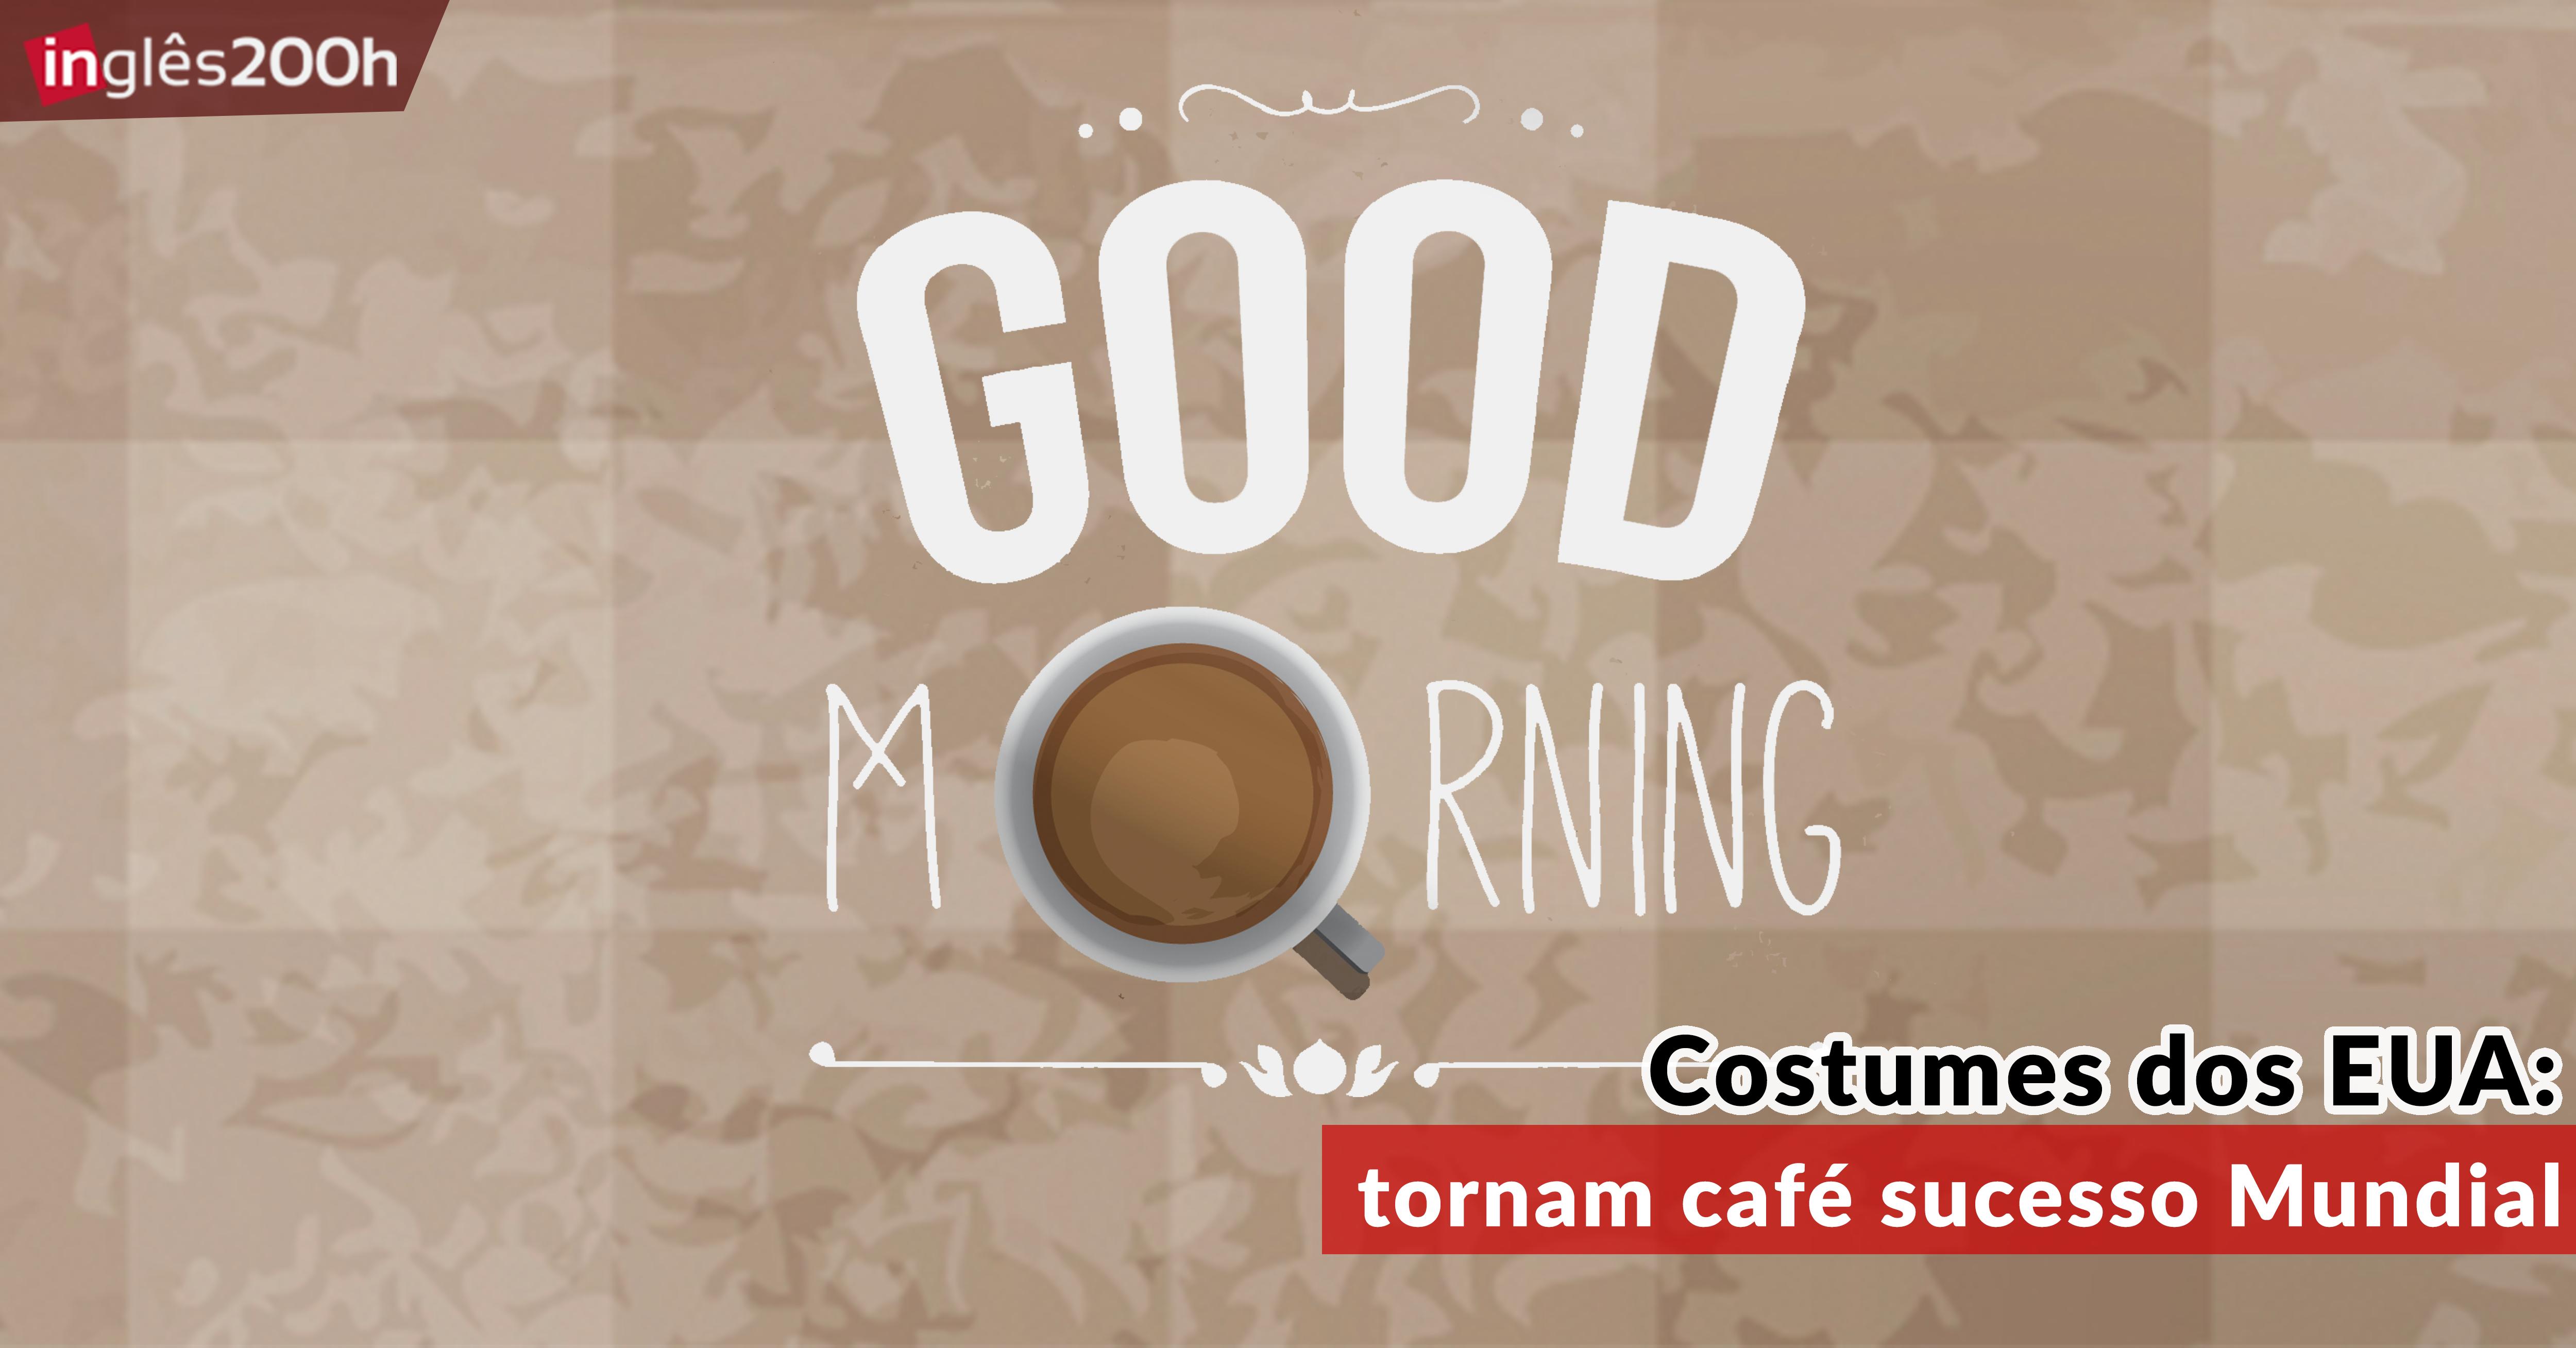 Costumes dos Estados Unidos tornam café sucesso Mundial